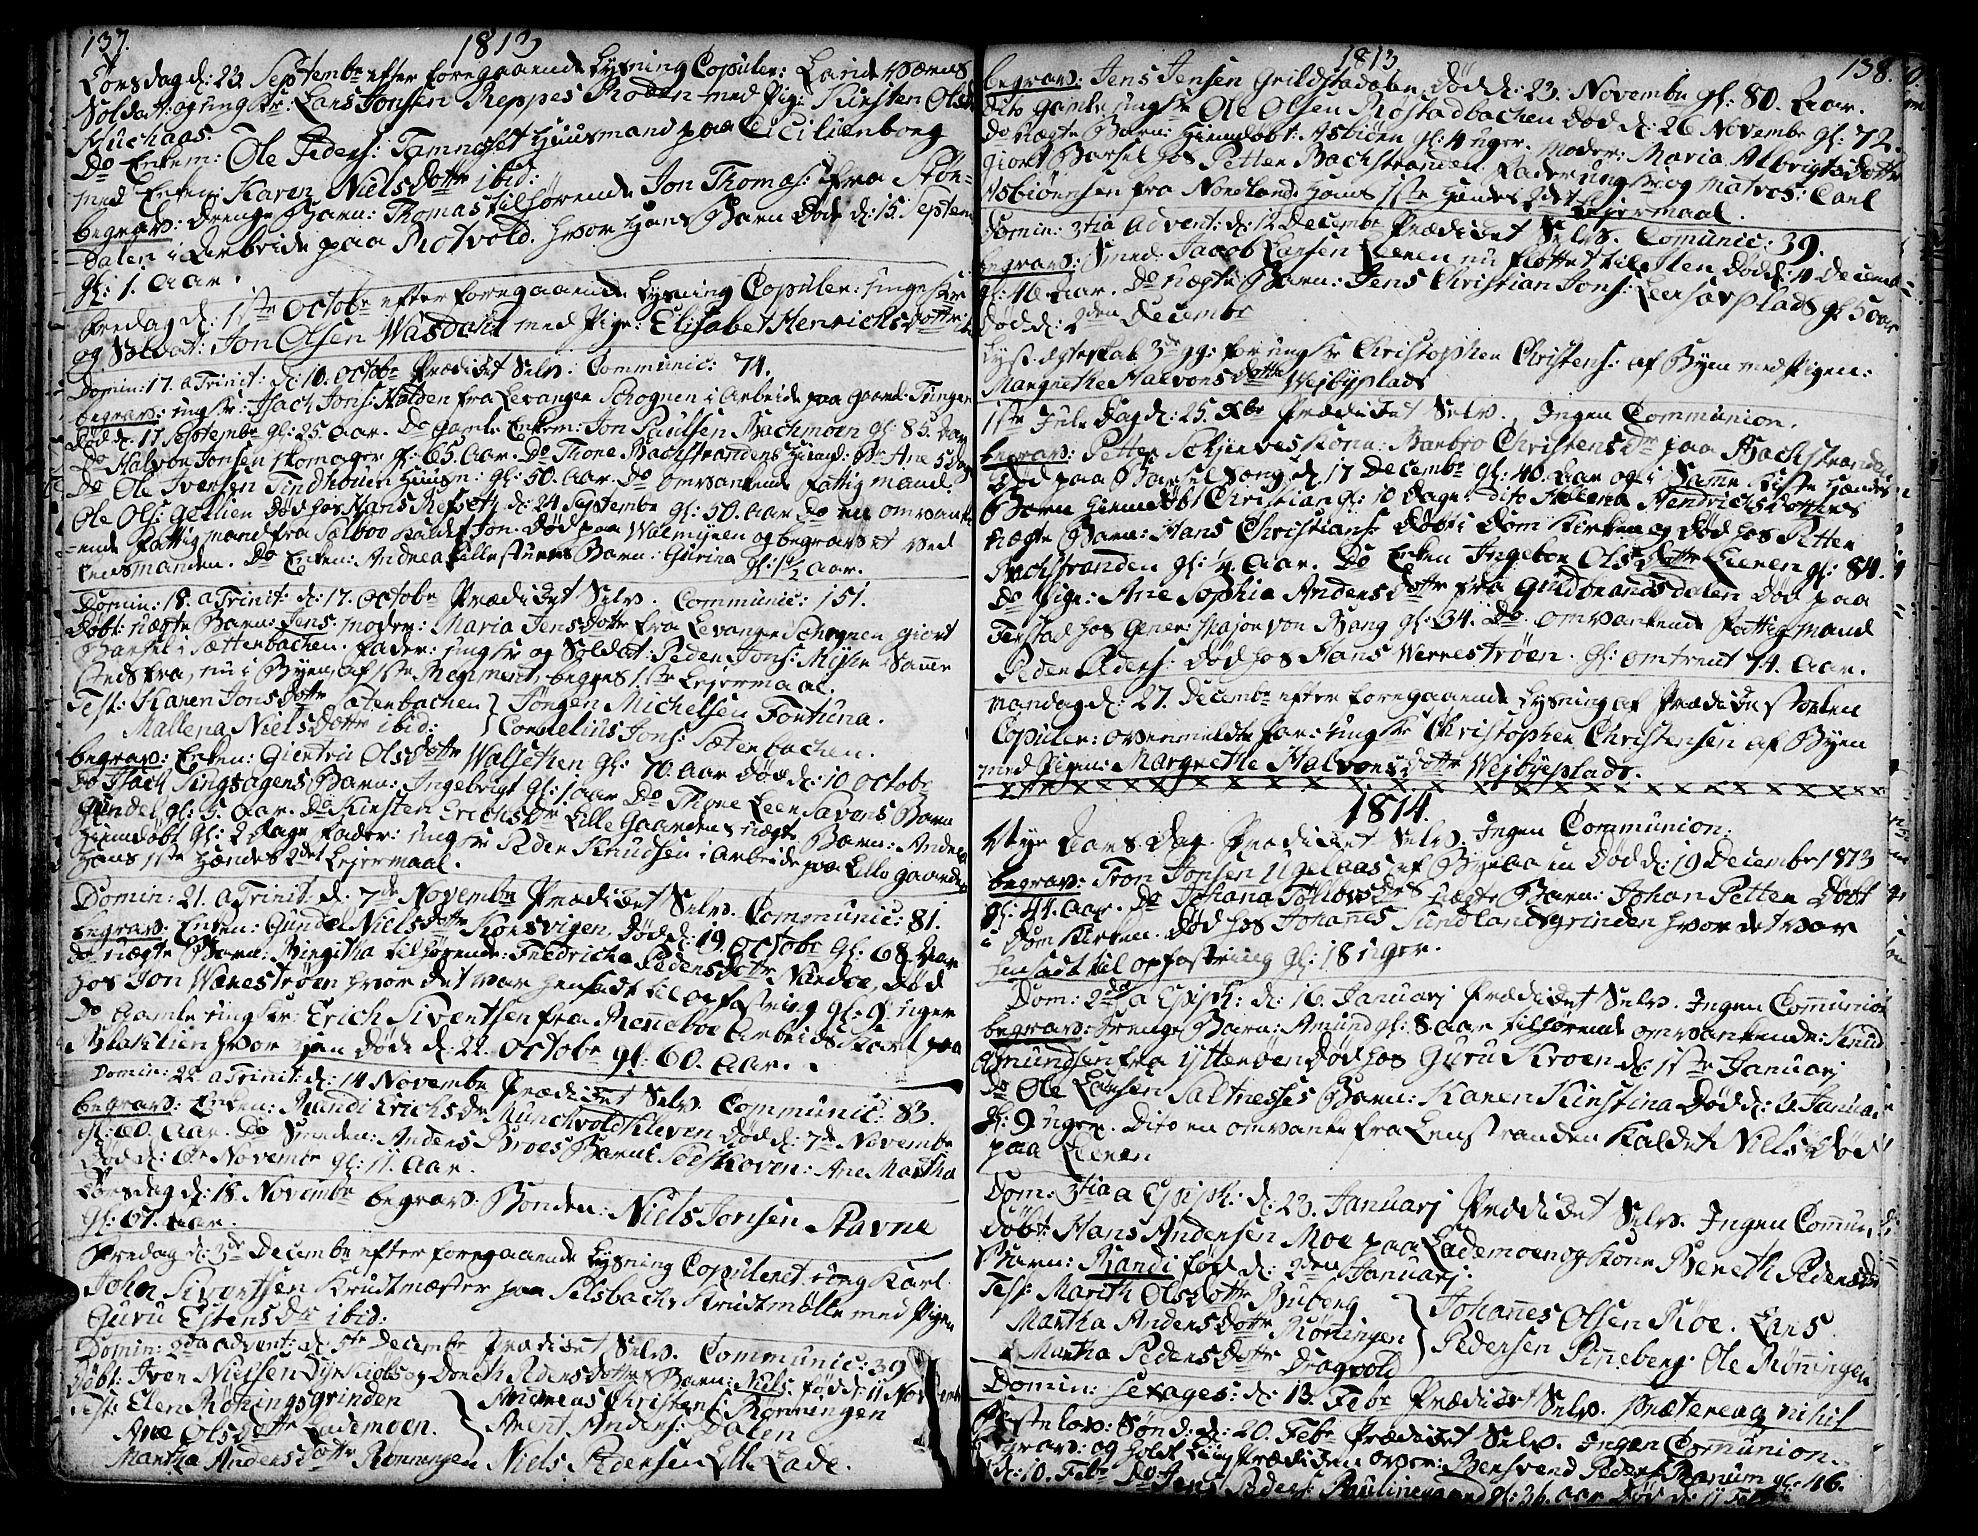 SAT, Ministerialprotokoller, klokkerbøker og fødselsregistre - Sør-Trøndelag, 606/L0280: Ministerialbok nr. 606A02 /1, 1781-1817, s. 137-138